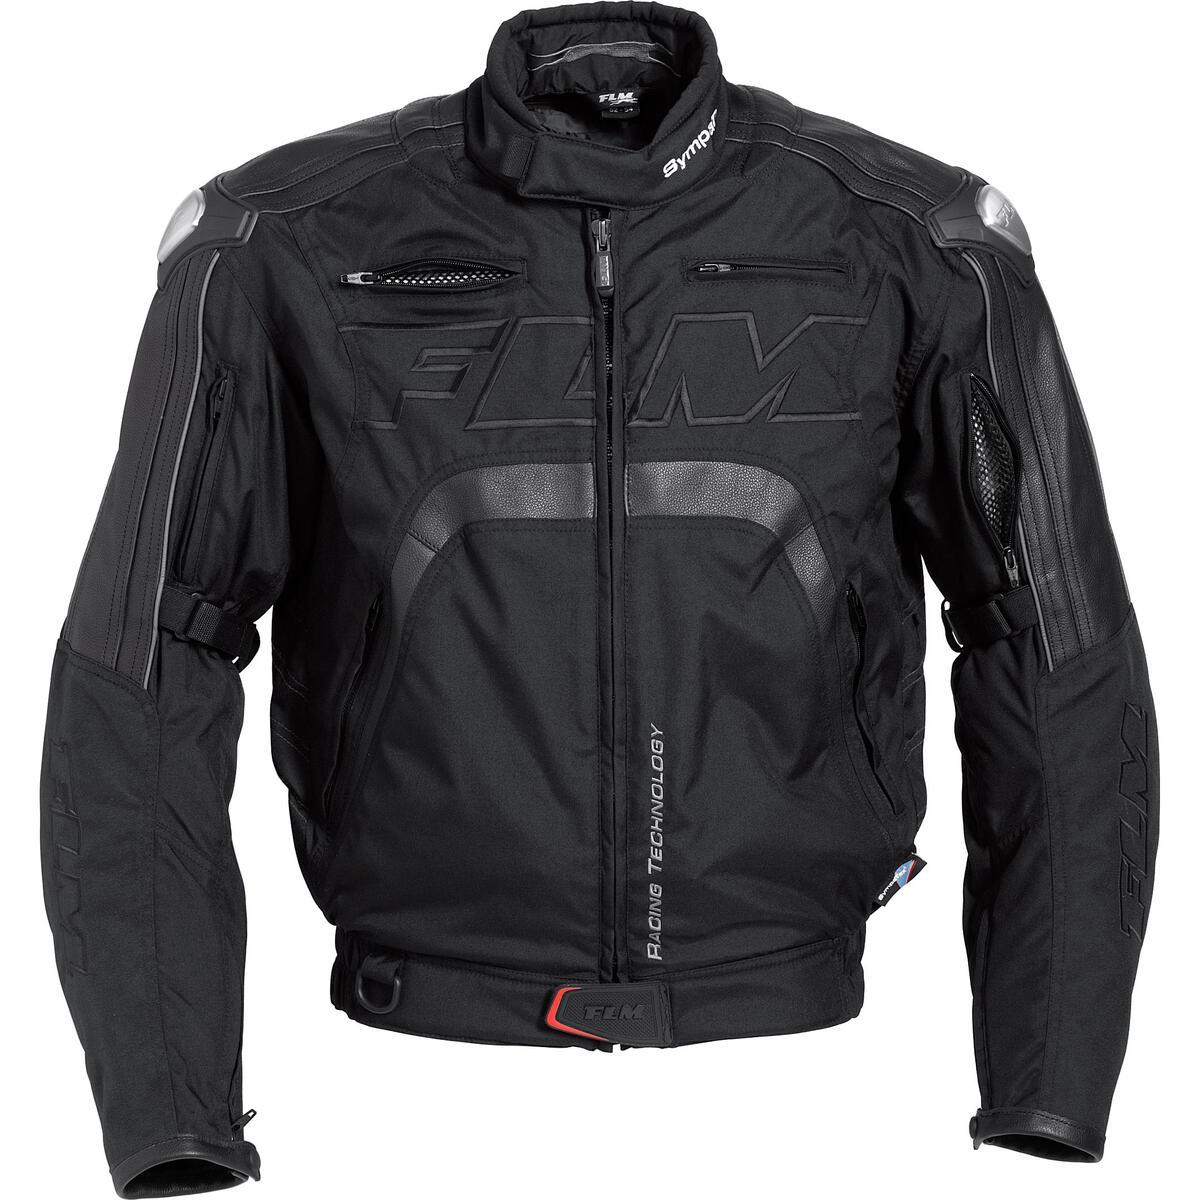 Bild 2 von FLM Sports Leder-/Textiljacke 3.0 schwarz Herren Größe S